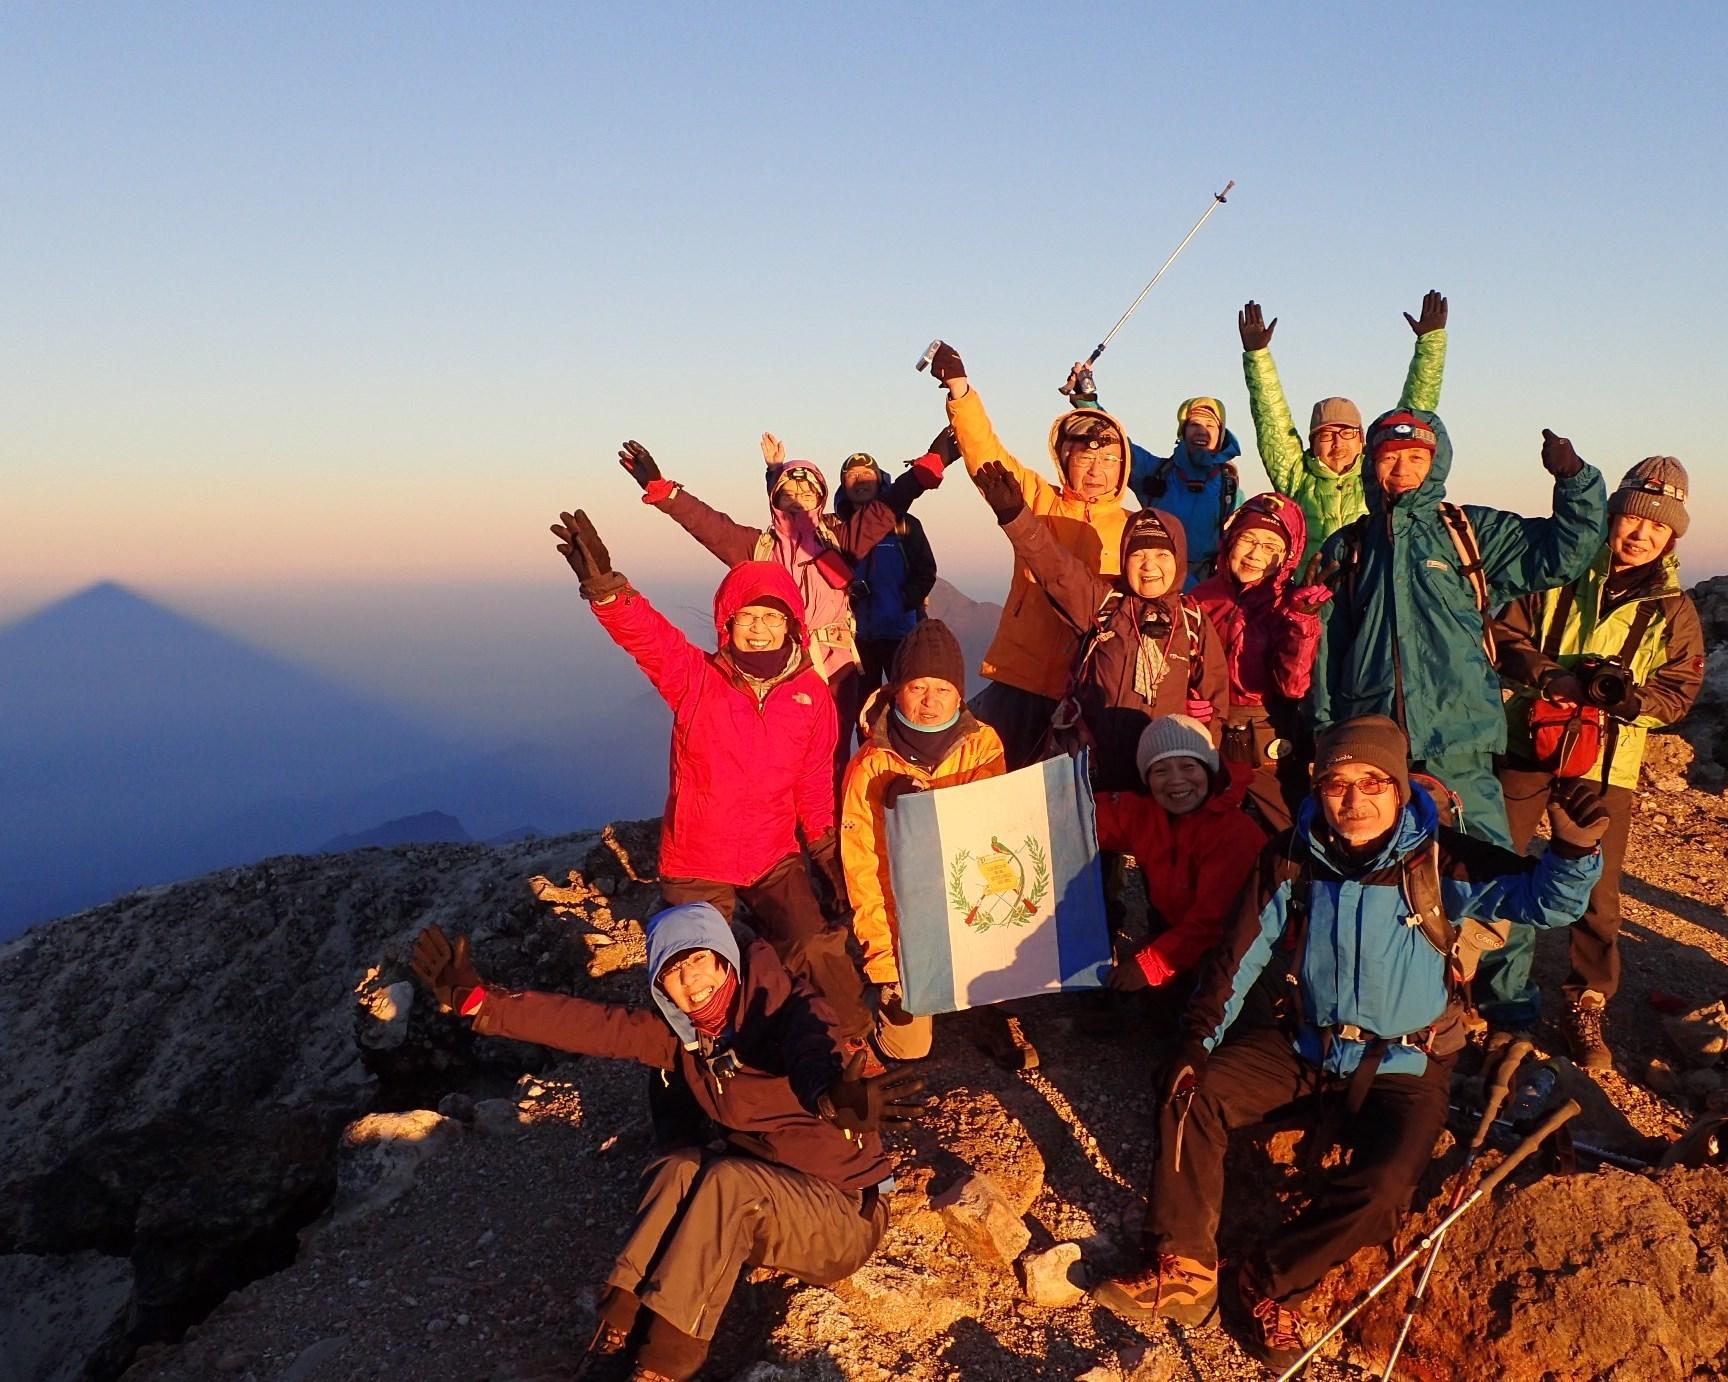 3月17日出発「中米最高峰タフムルコ(4,220m)登頂、密林に眠る ティカル遺跡満喫とカリブ海 11日間」